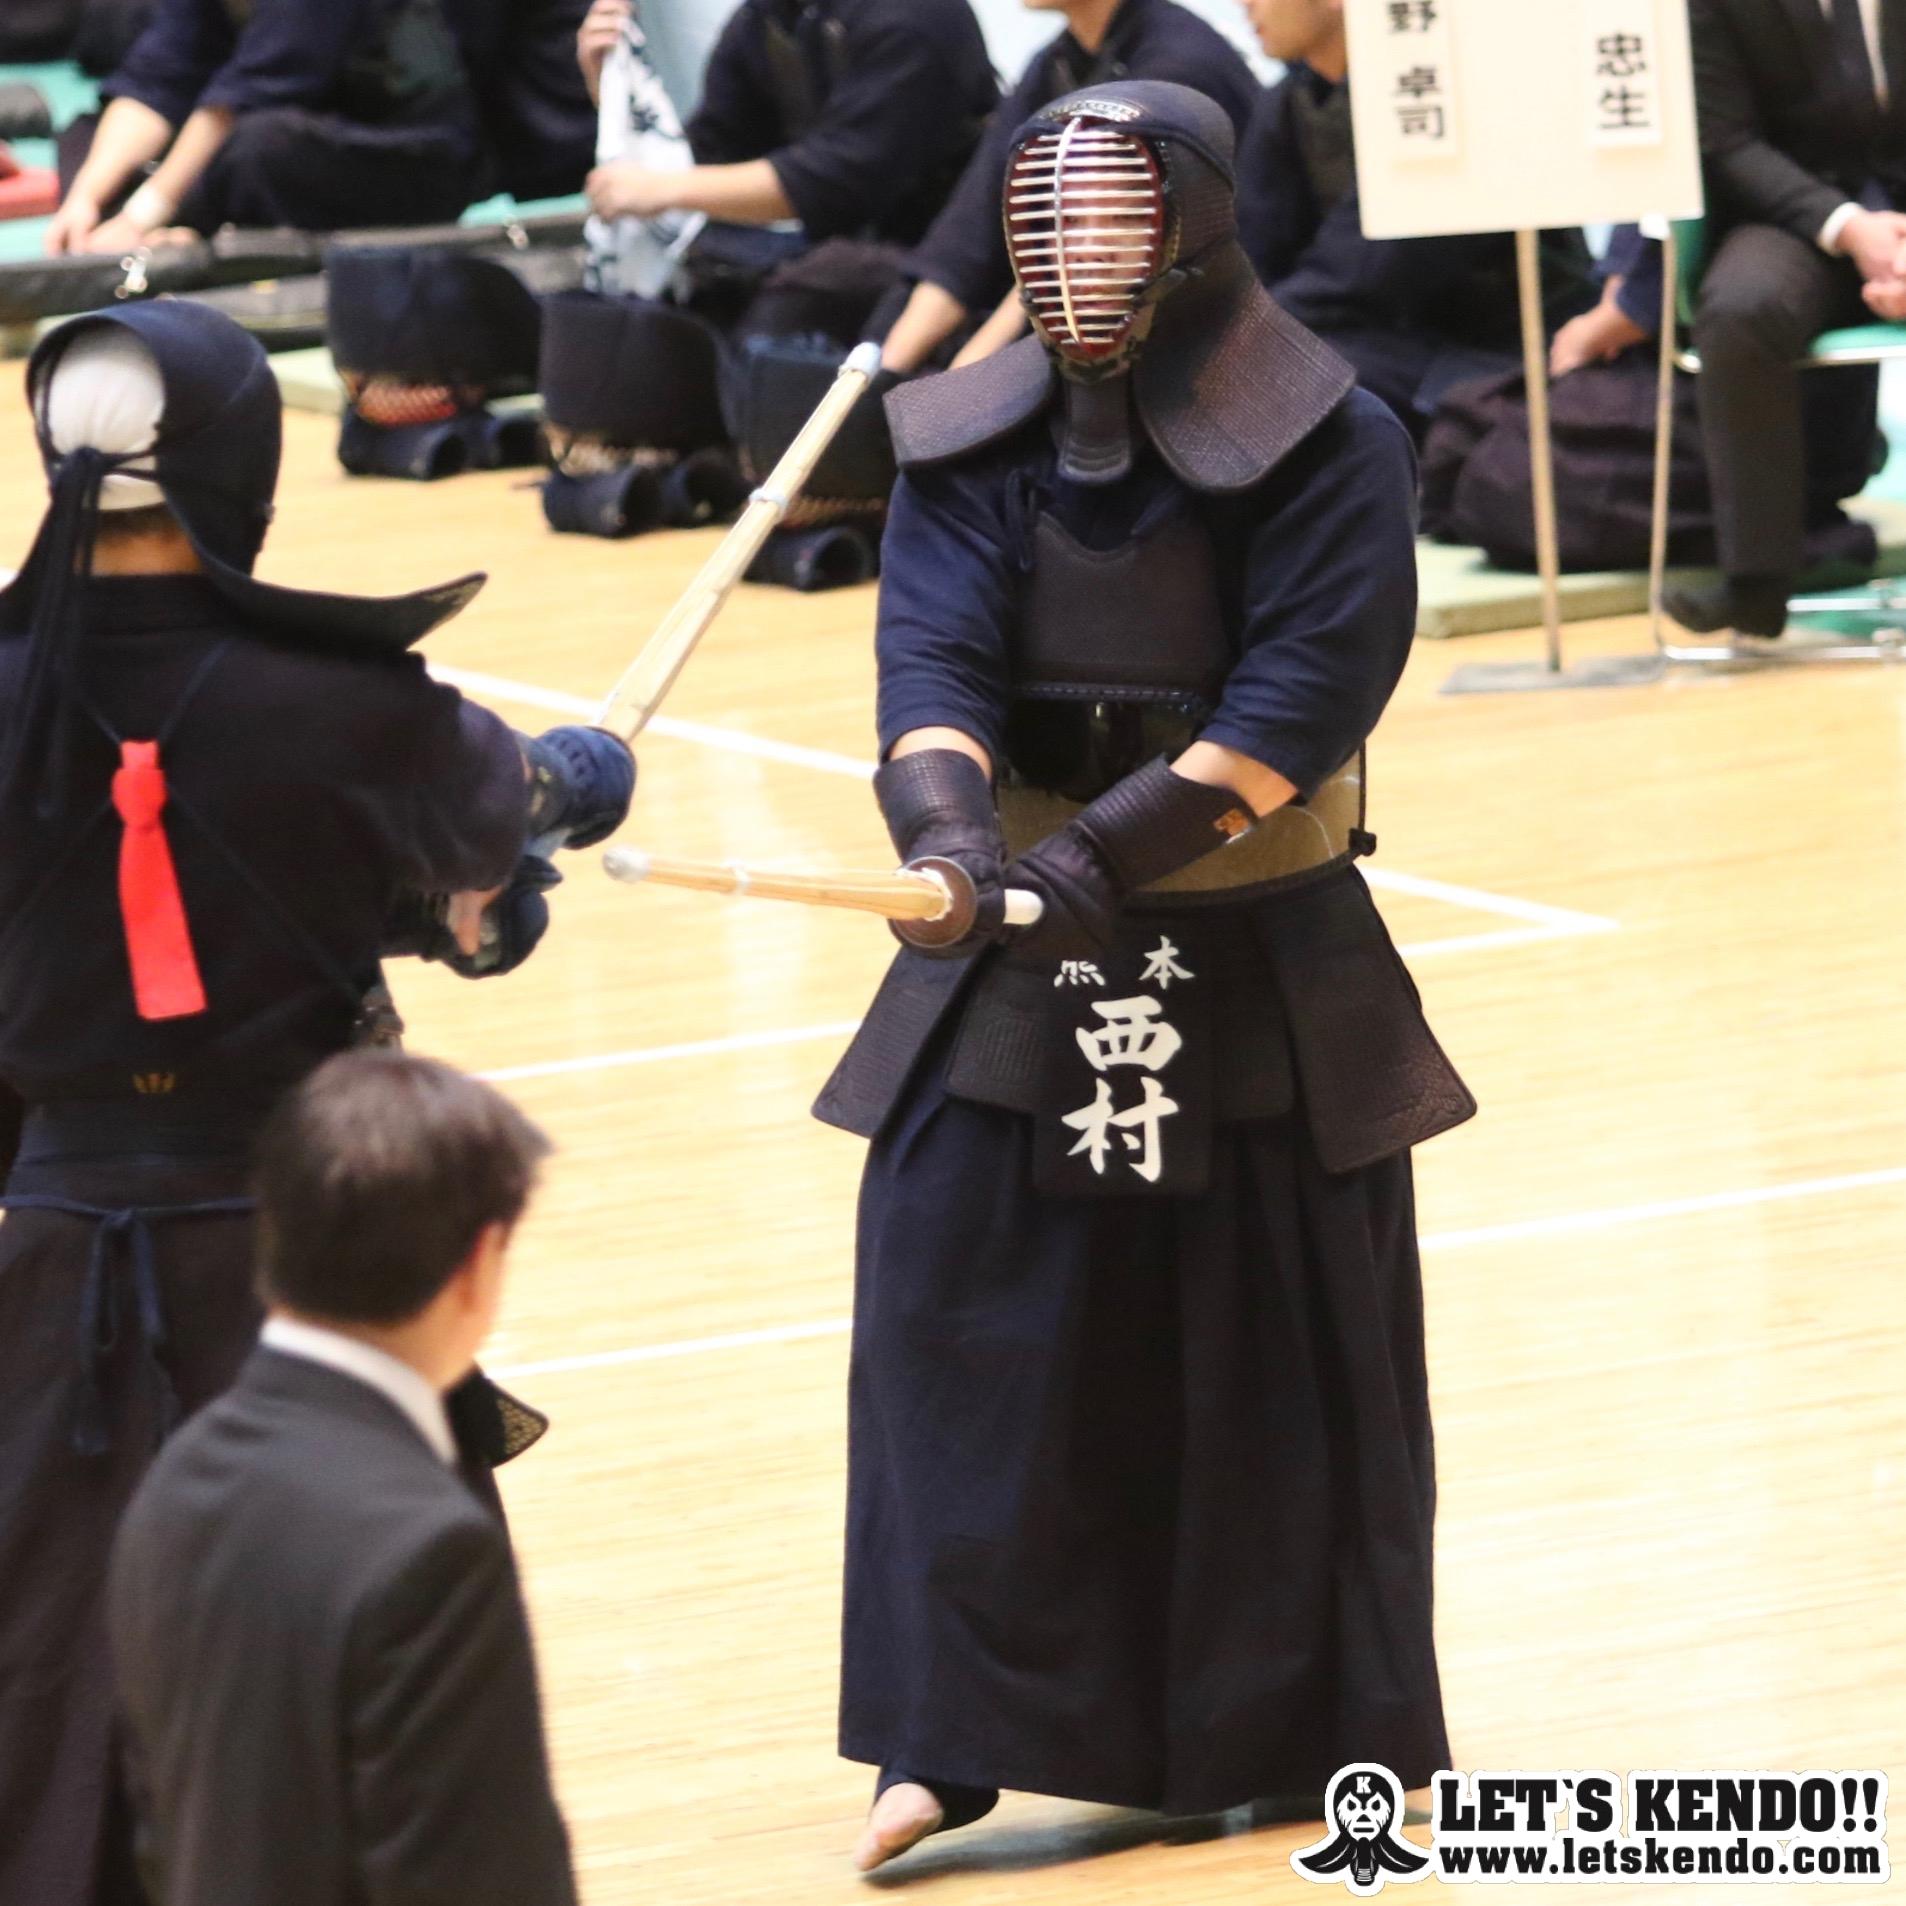 【大会結果】11/3 第65回全日本剣道選手権大会